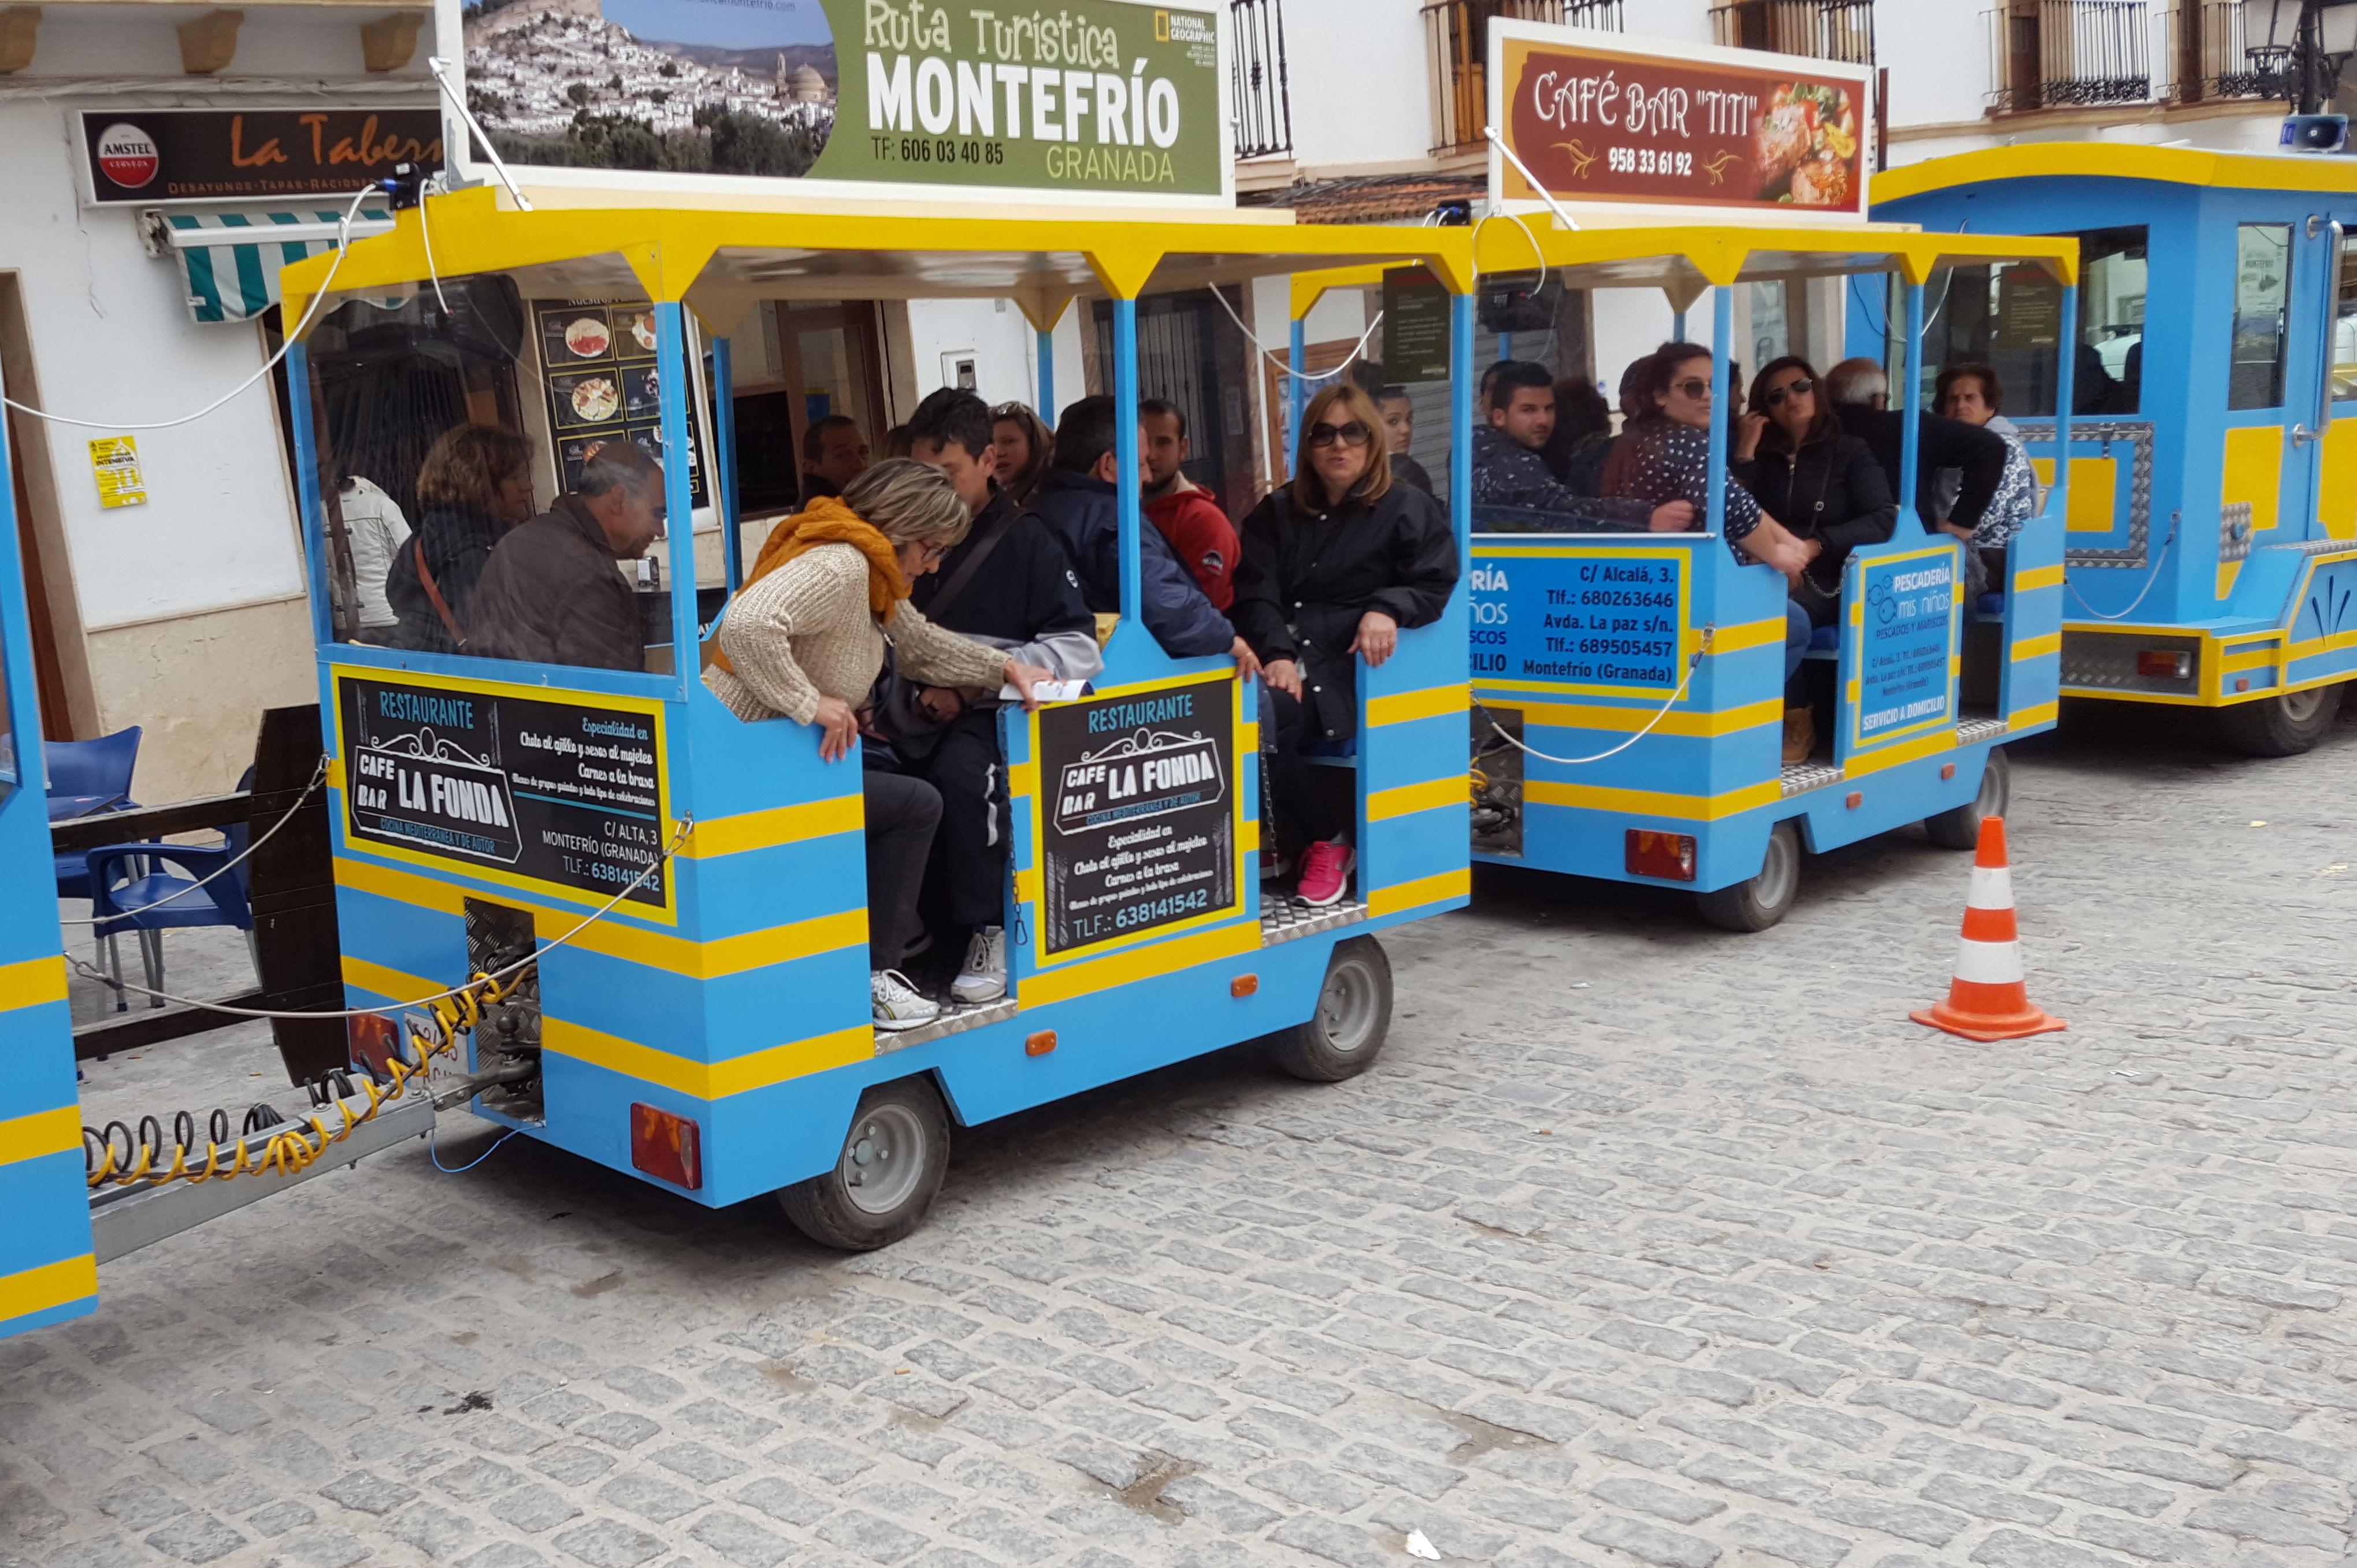 Tren Turístico de Montefrío